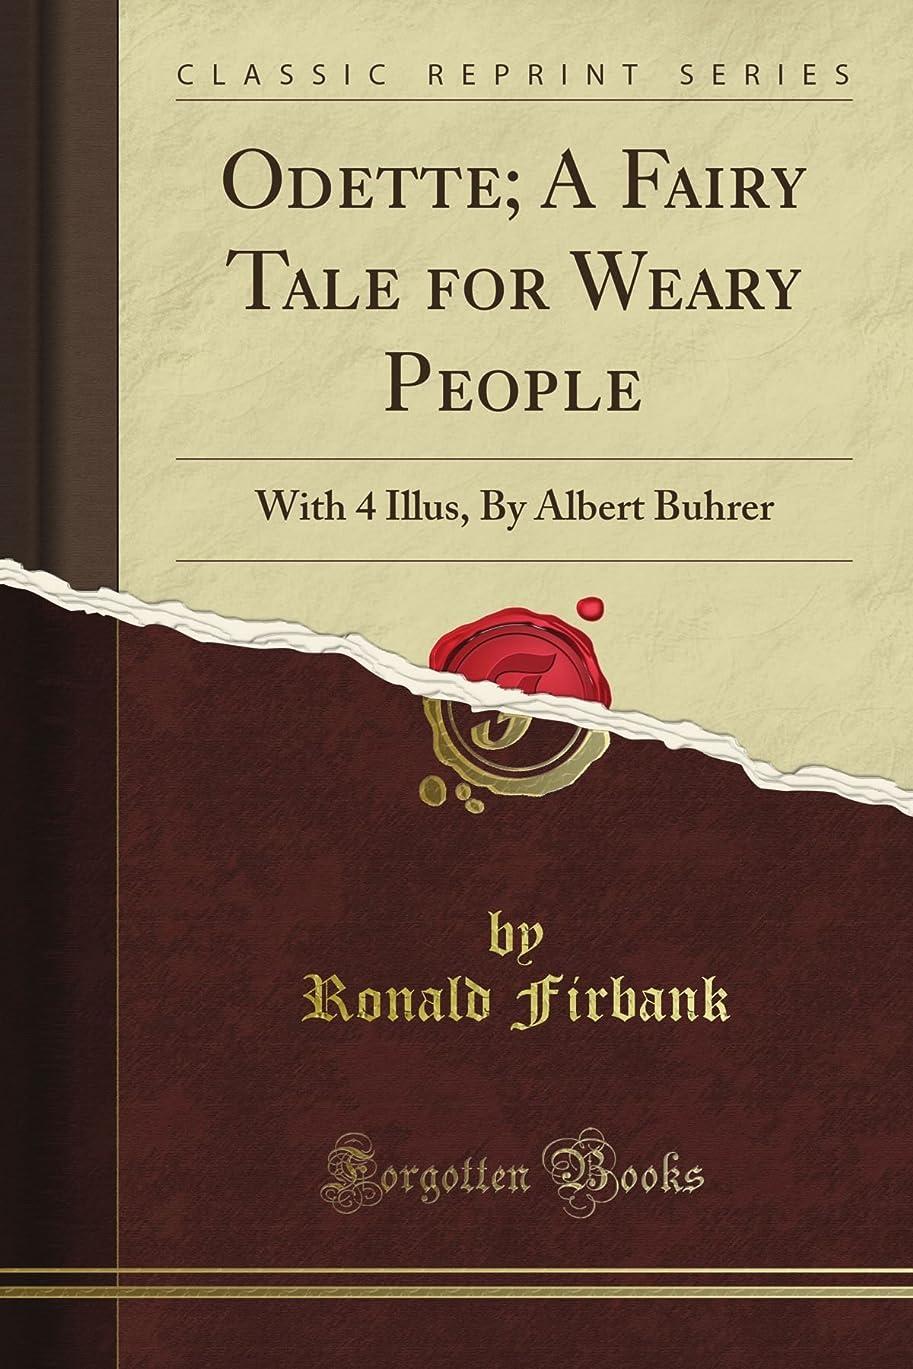 耳意識サーキットに行くOdette; A Fairy Tale for Weary People: With 4 Illus, By Albert Buhrer (Classic Reprint)